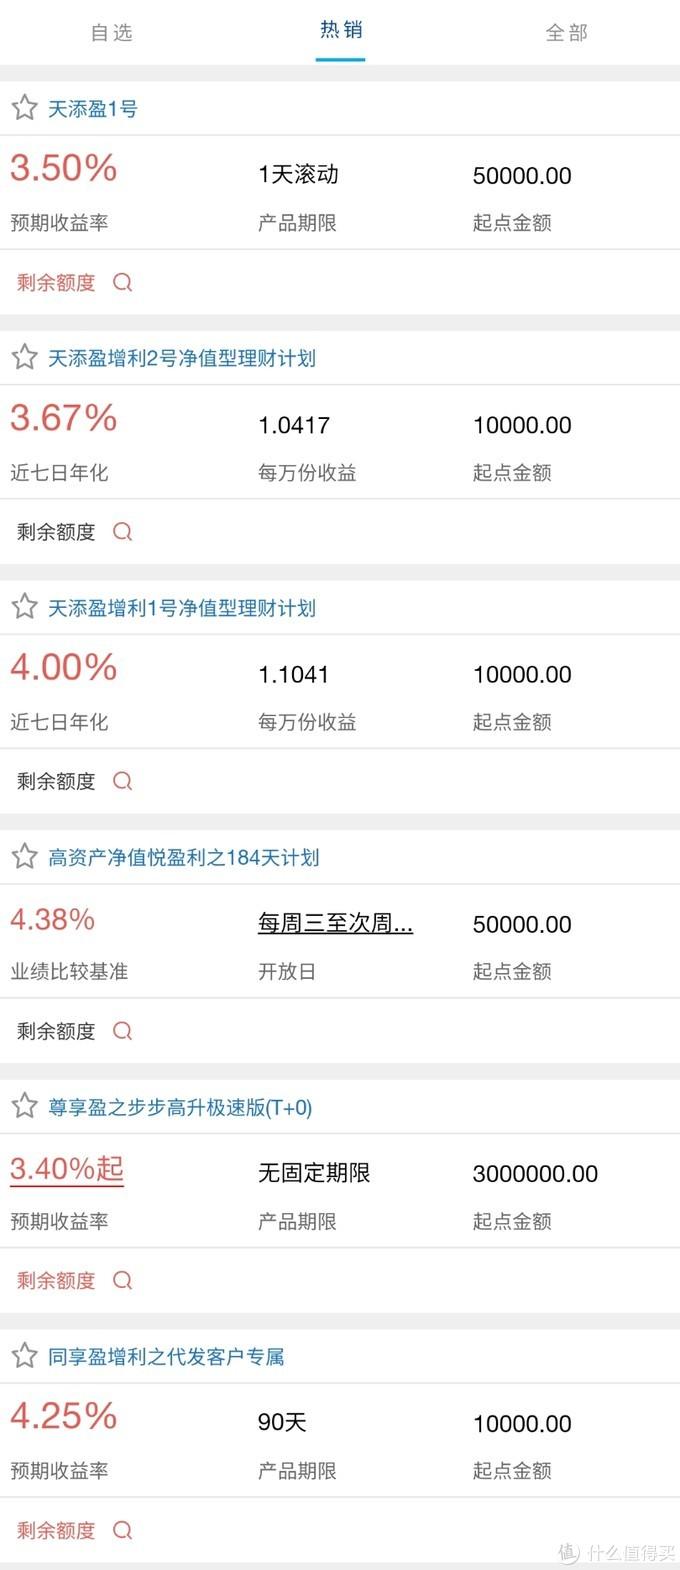 发文时浦发手机银行理财产品页面